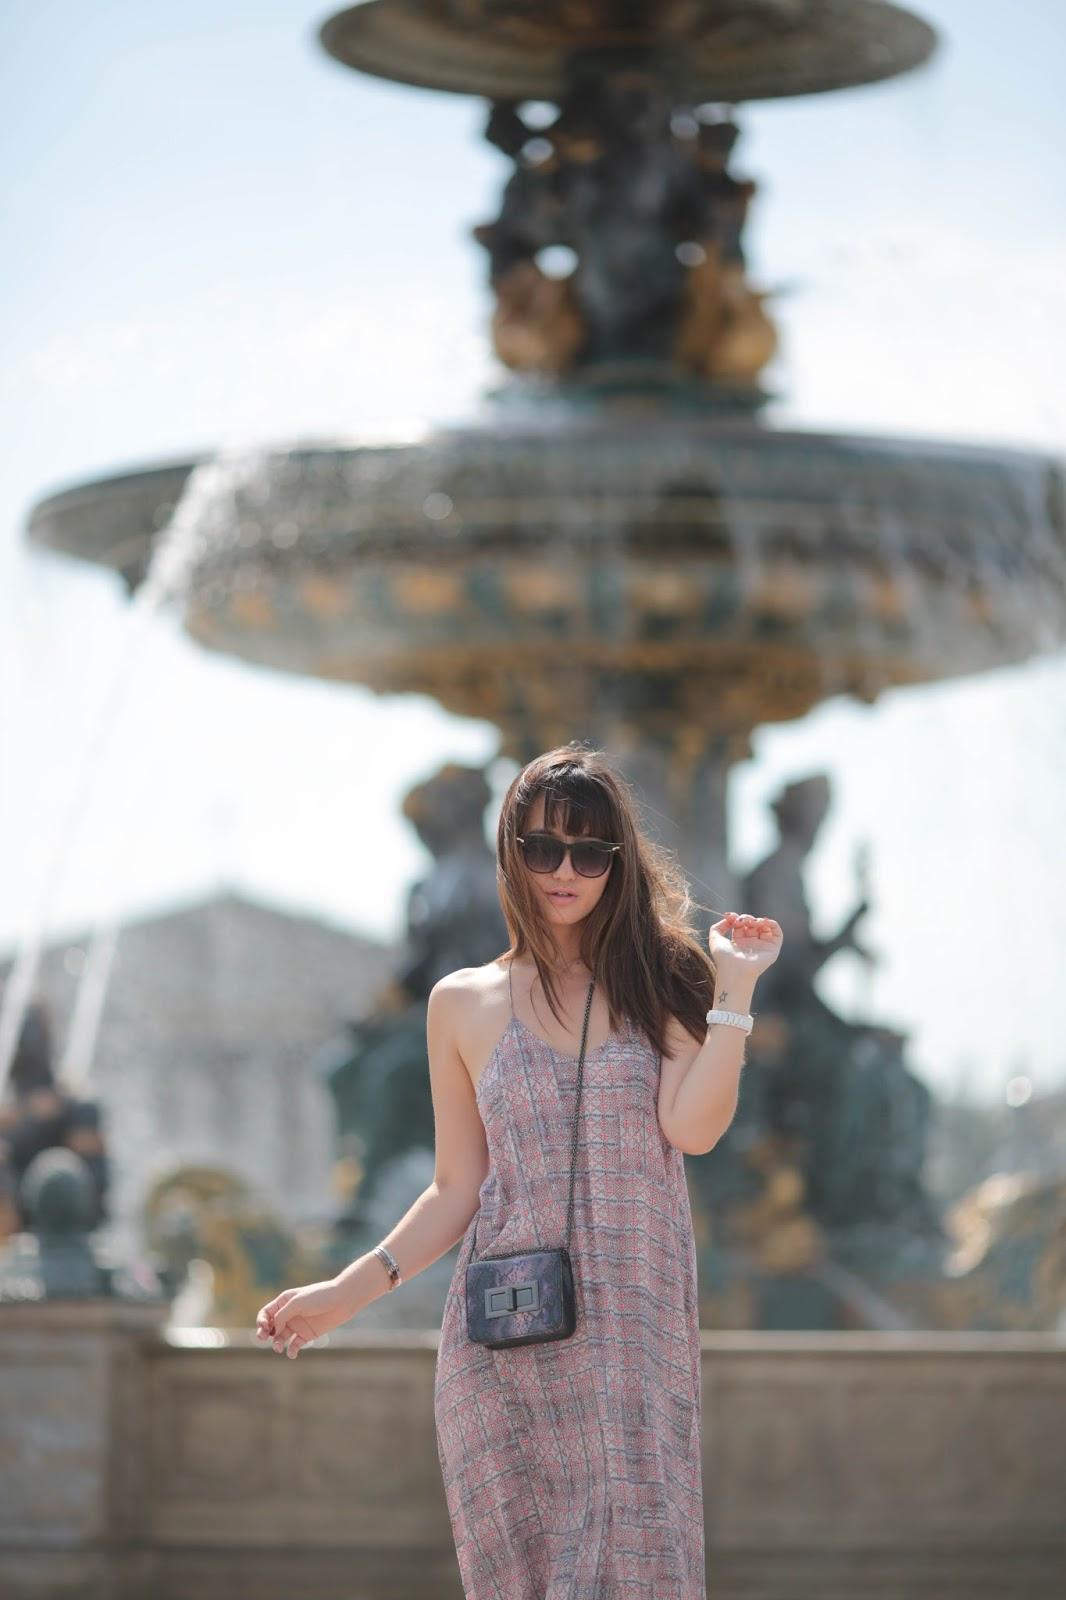 巴黎博客,结伴见面,风格,街头风格,夏天,巴黎风格